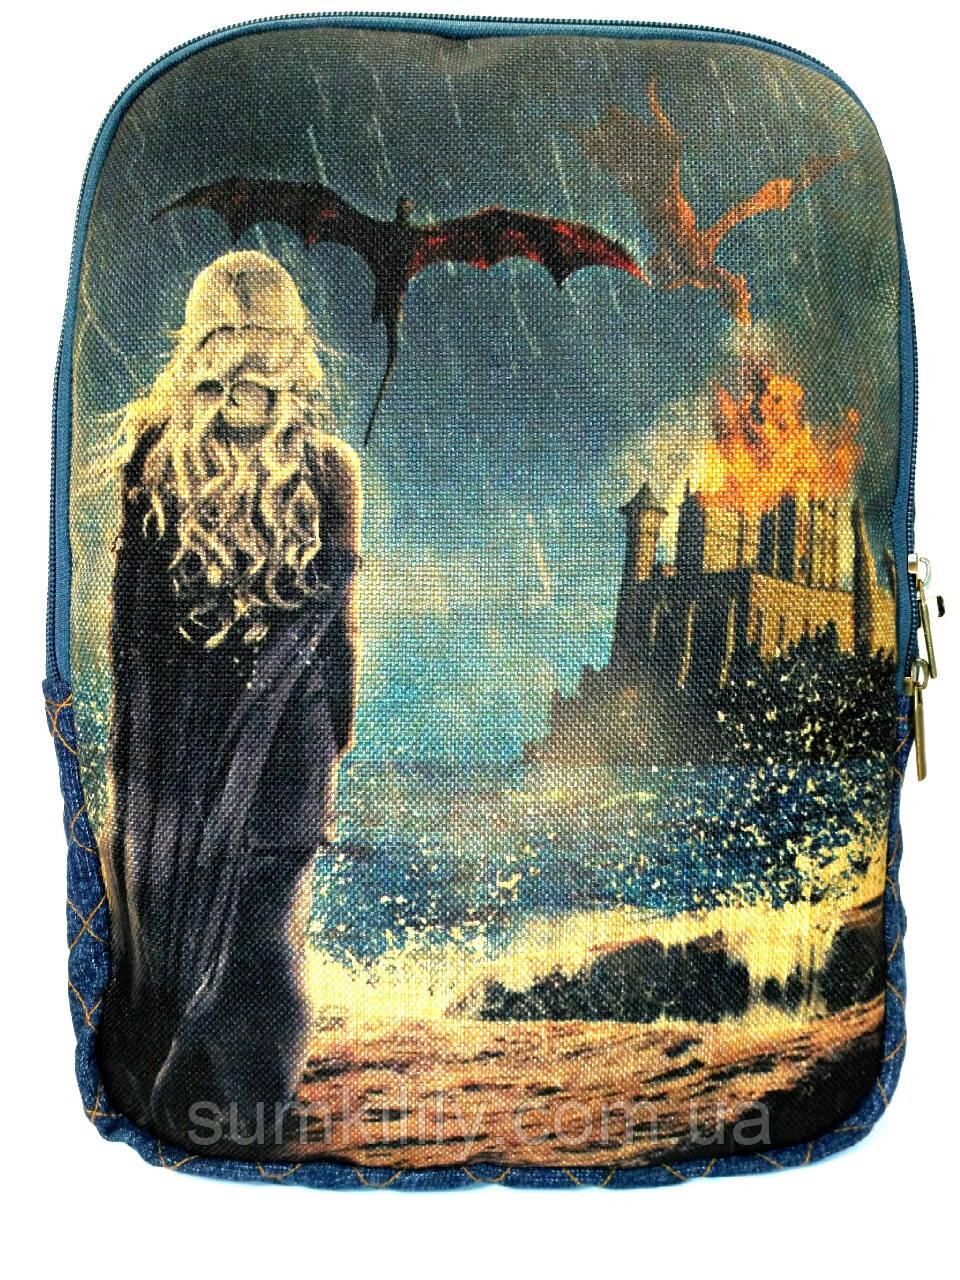 Джинсовый рюкзак Игра престолов